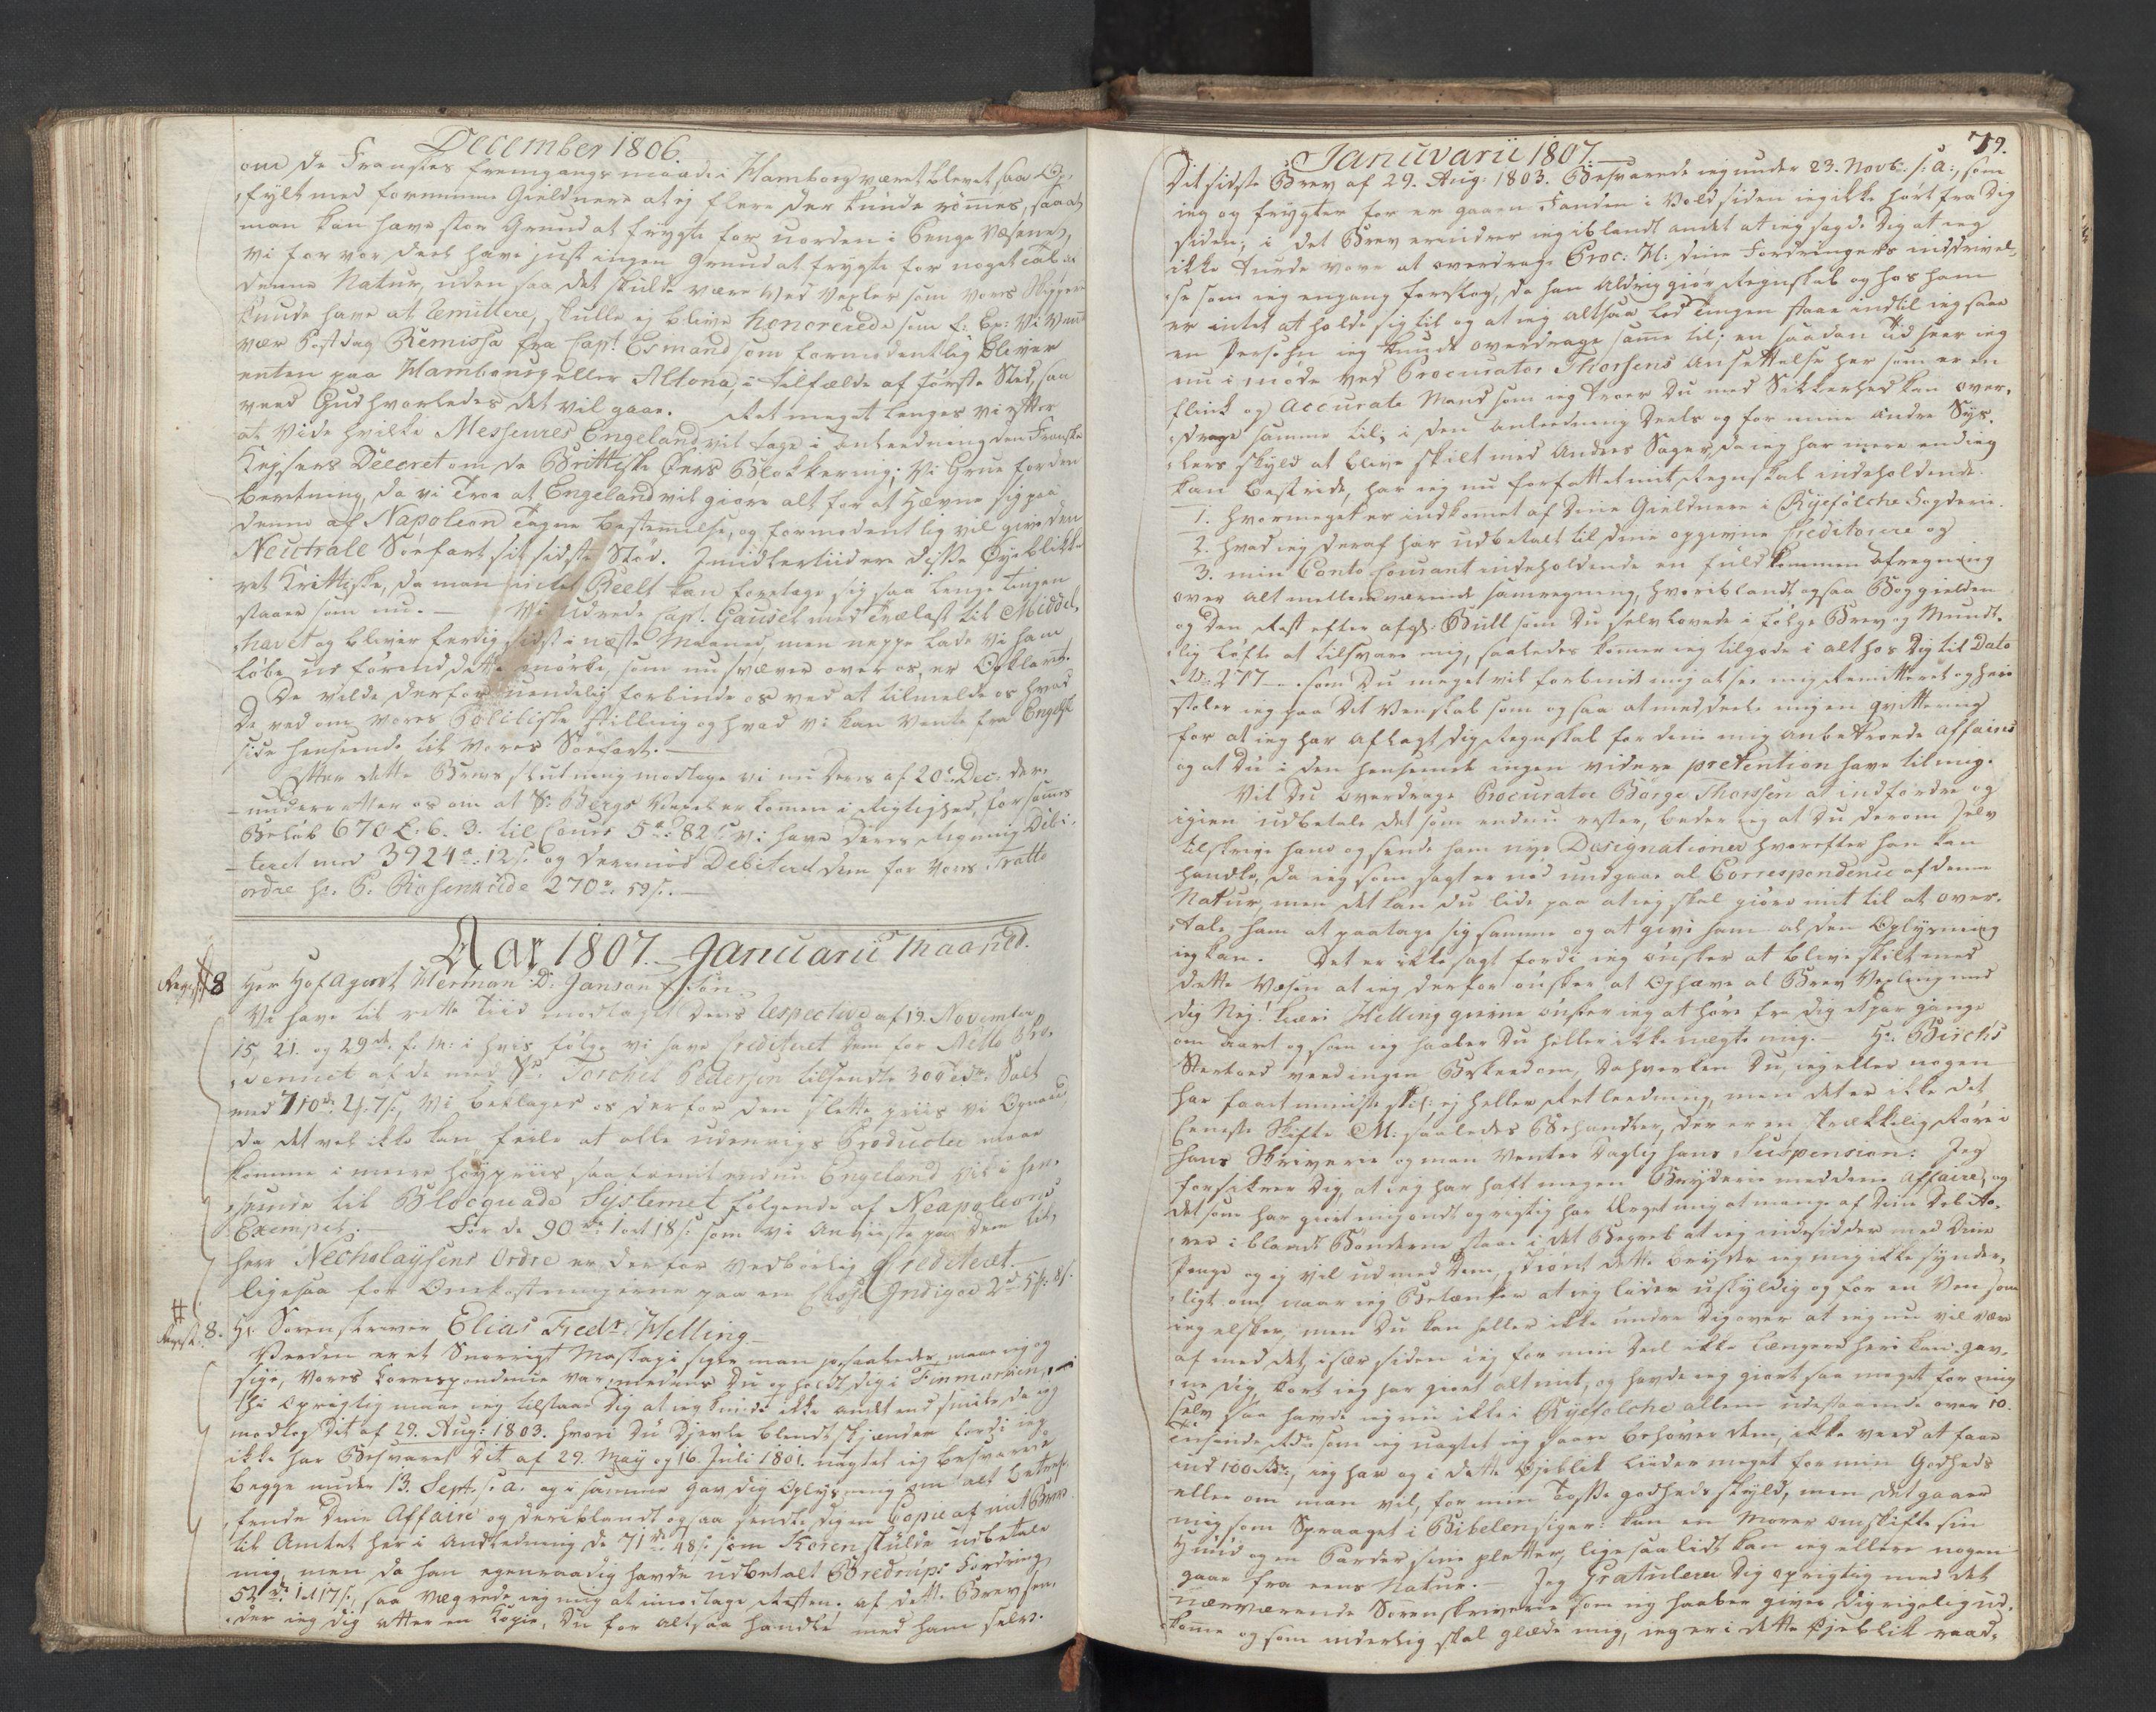 SAST, Pa 0003 - Ploug & Sundt, handelshuset, B/L0009: Kopibok, 1805-1816, s. 78b-79a